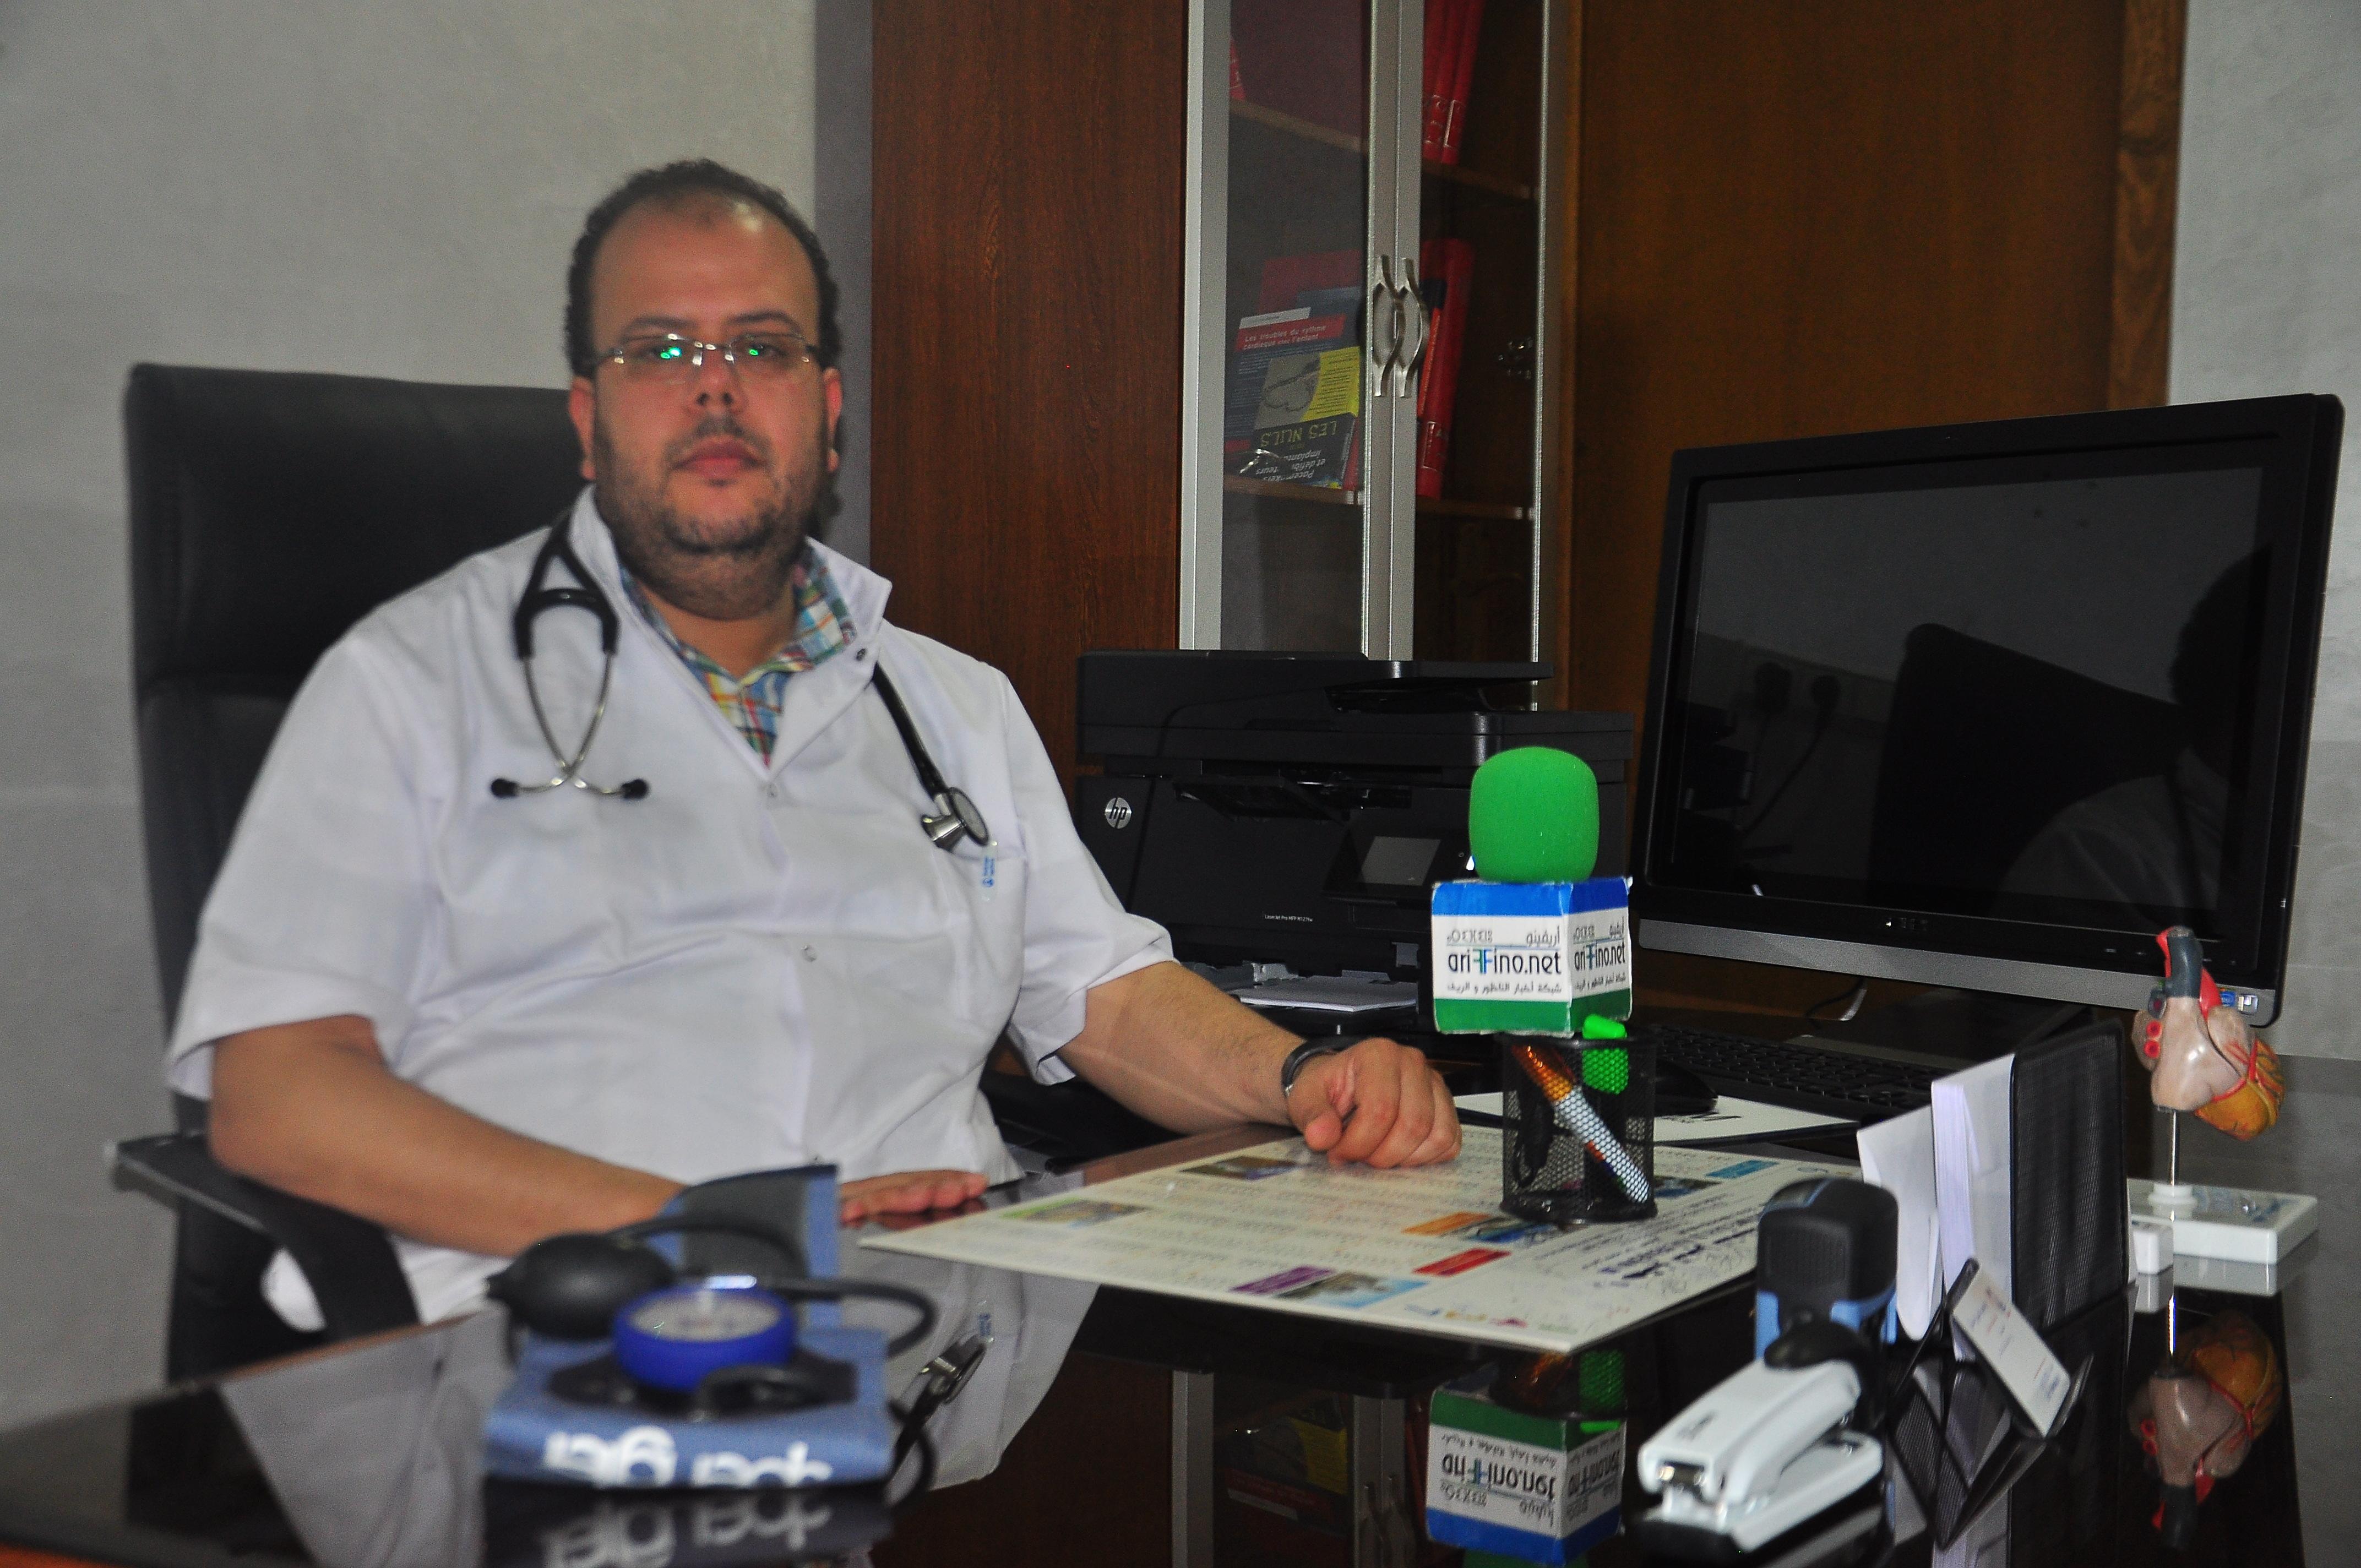 +صور: مصحة السلام بالناظور تعلن الانطلاق الفعلي لخدماتها و البروفيسور طارق الهواري ينقل عيادته إليها